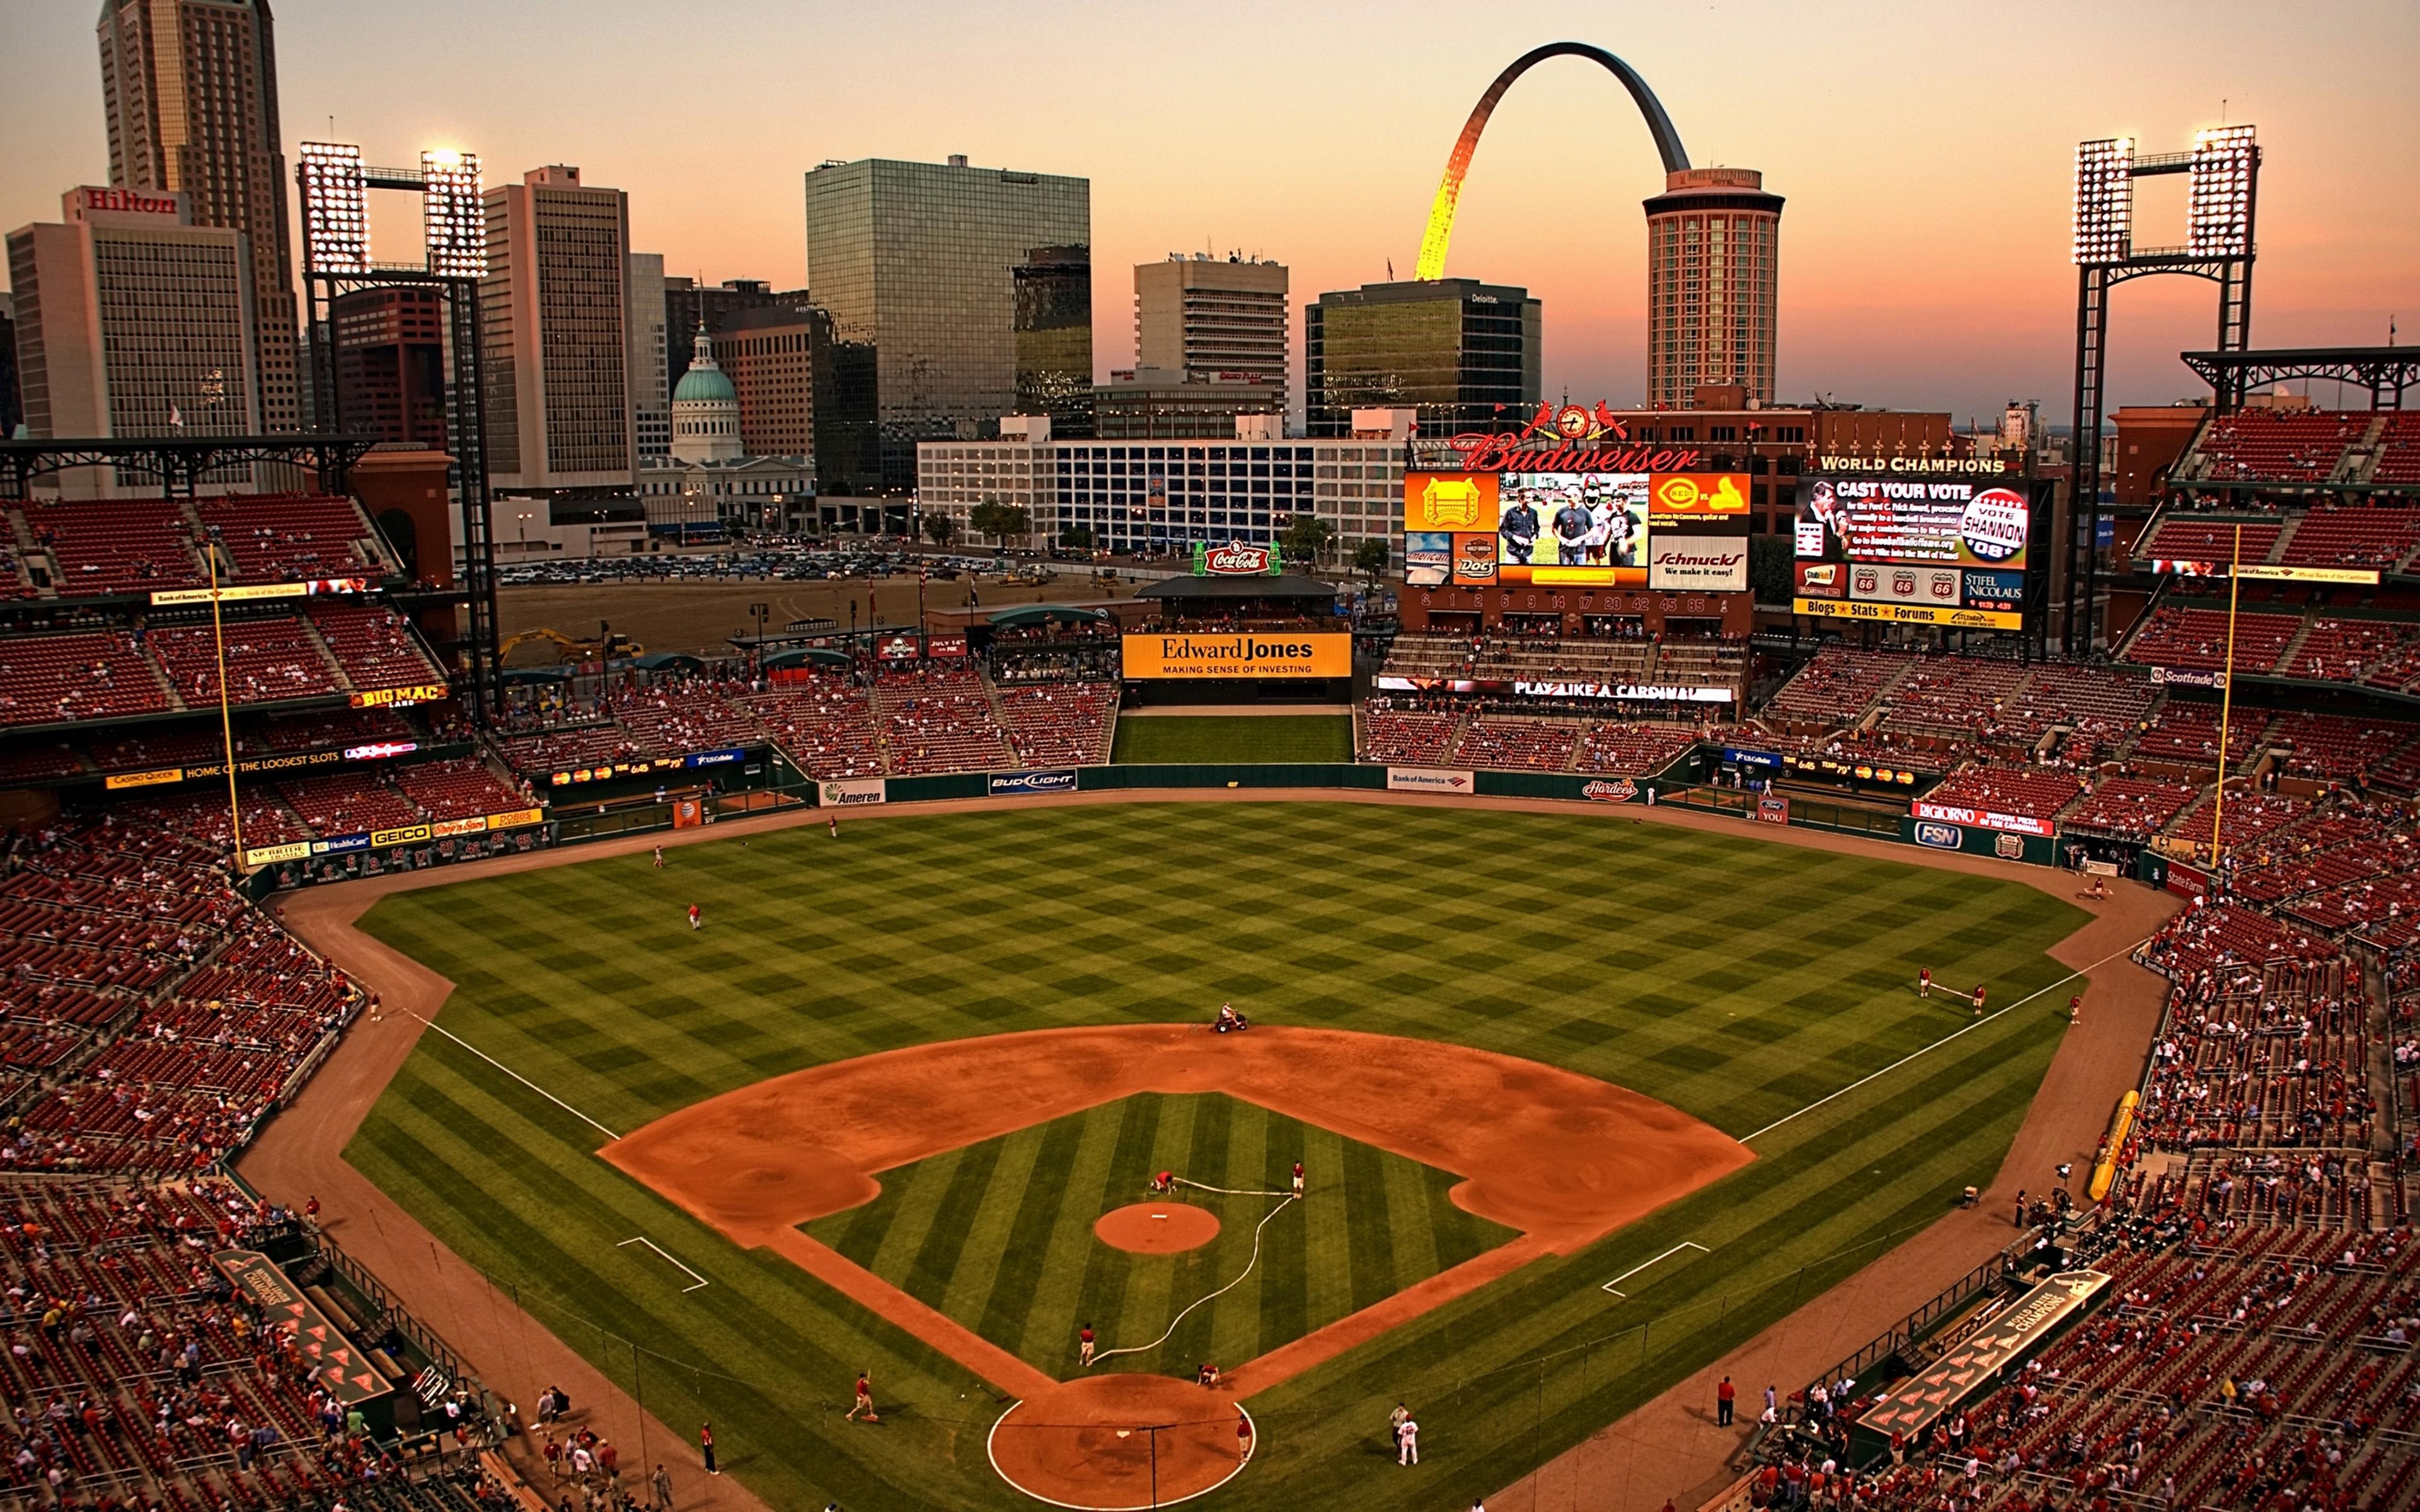 st. louis cardinals ballpark busch stadium iii st. louis, missou